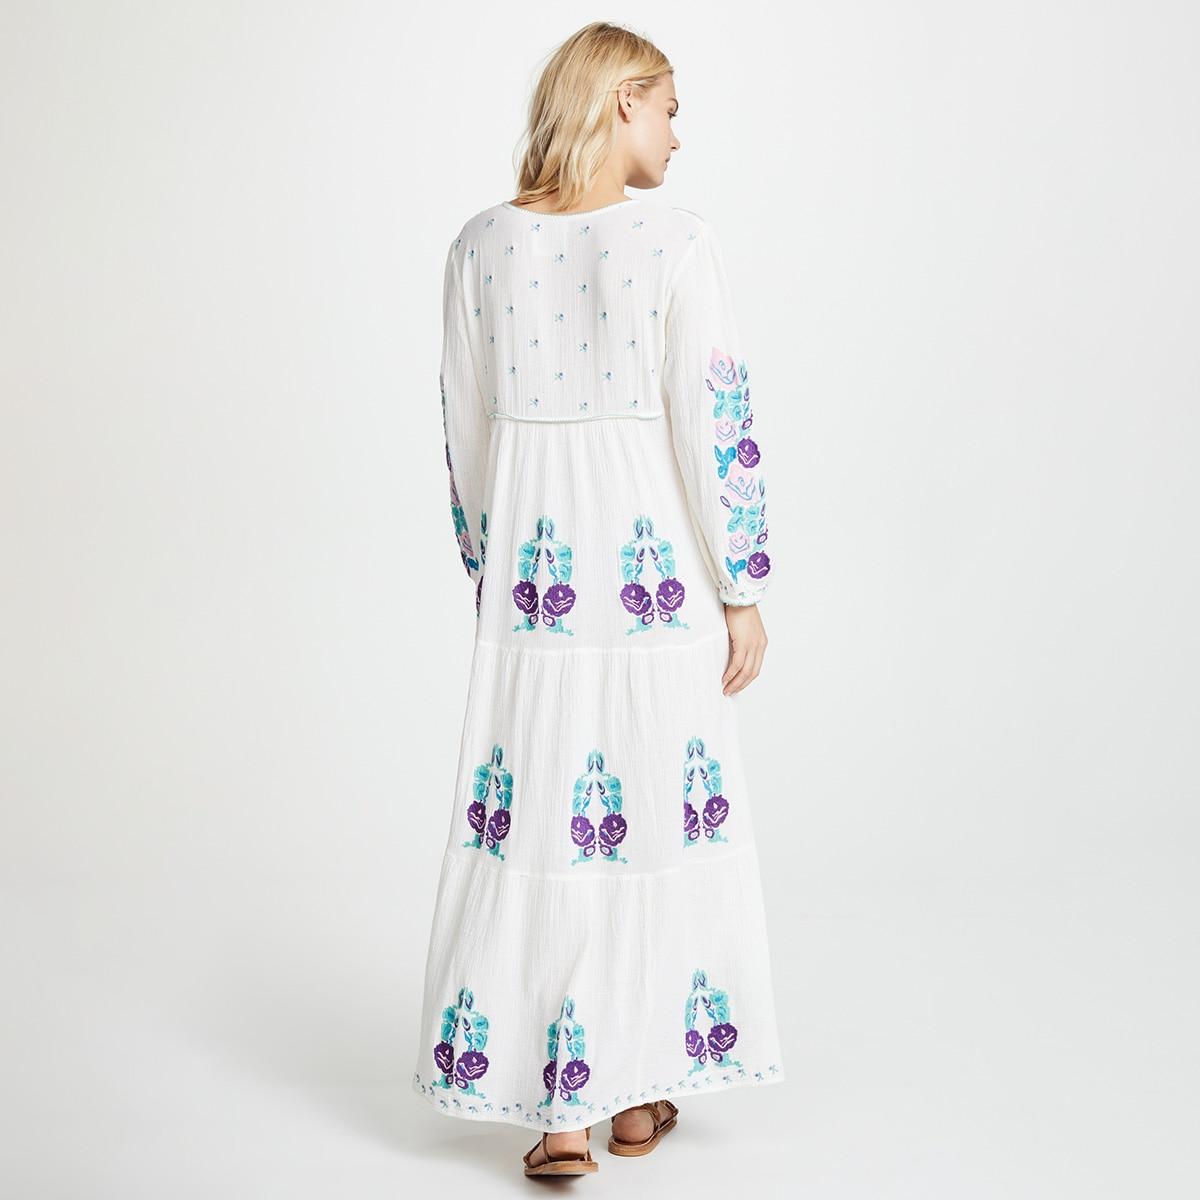 Naturel Lara brodé Maxi robe femmes 2019 été automne à manches longues col en V à lacets robe Boho Hippie plage blanc longue robe - 4